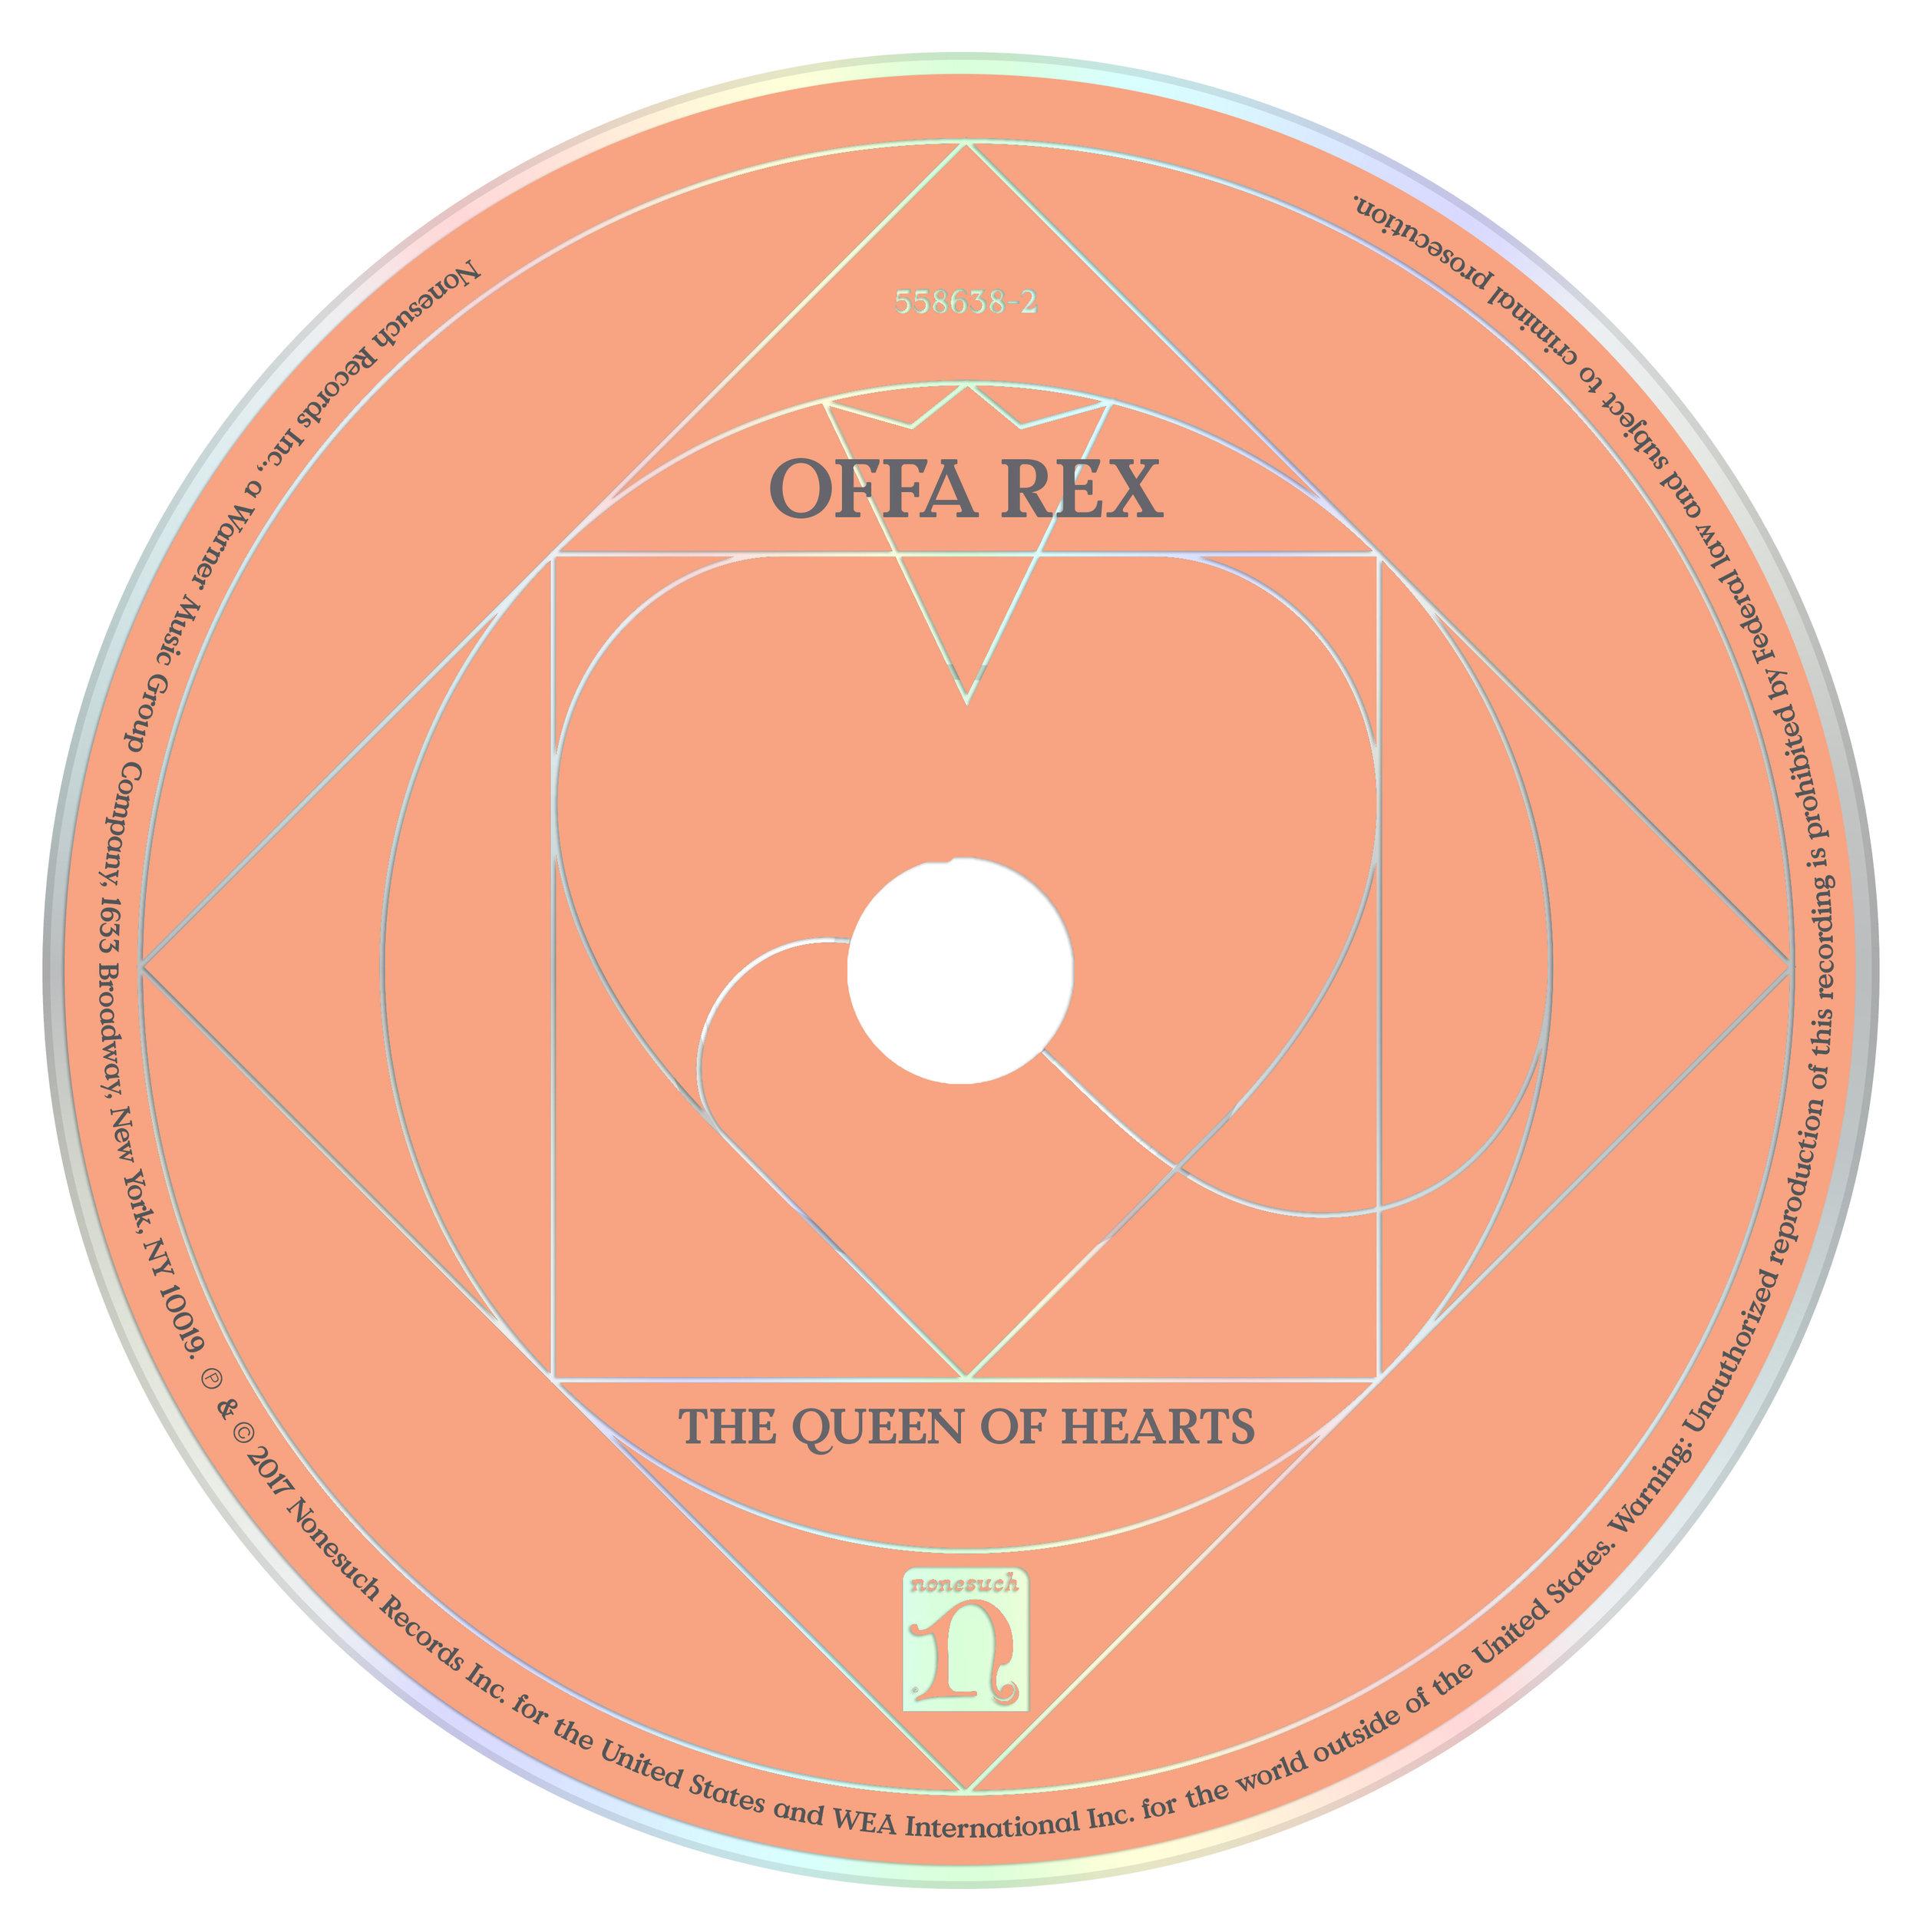 OffaRex_CD.jpg